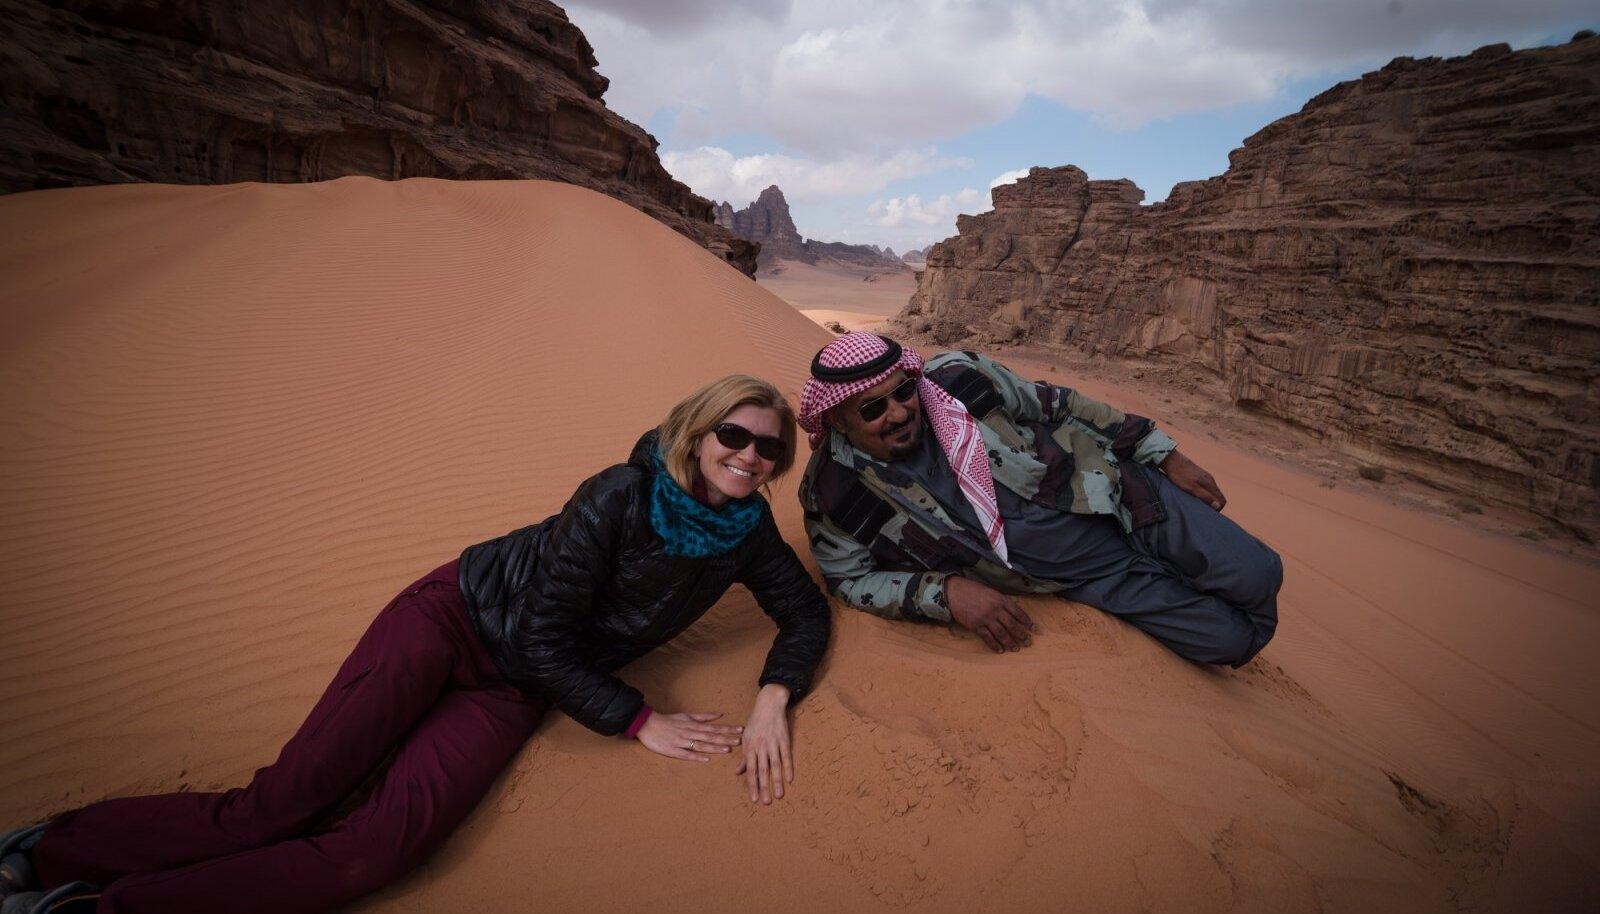 Kuigi filmi tegevustik toimub Siinai poolsaarel Egiptuses, filmitakse Jordaanias, kus on lubasid filmimiseks lihtsam saada ja maastik sarnane. Pildil režissöör Kadri Kõusaar ja beduiinist giid